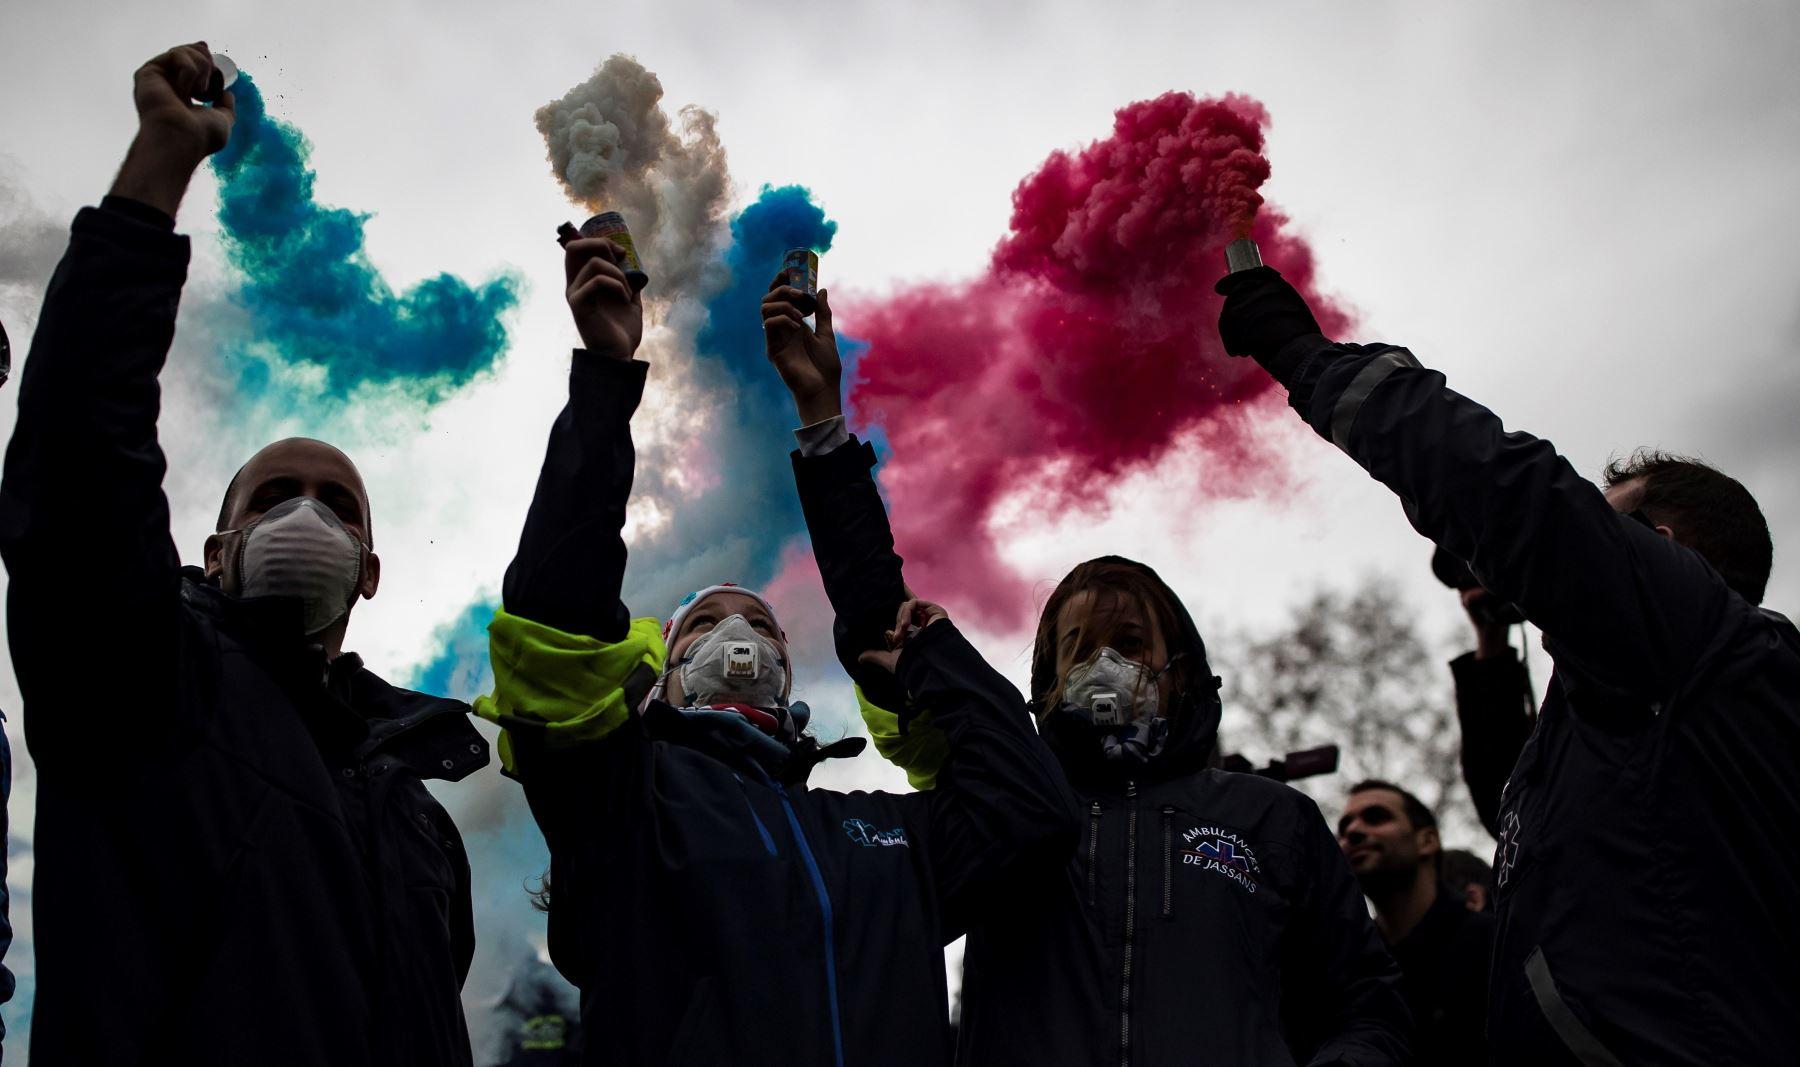 Conductores de ambulancias participan en una protesta ante la Asamblea Nacional, en ParÌs, Francia. Los manifestantes bloquearon el tráfico junto a la Asamblea Nacional para exigir la suspensión de una reforma del sistema de financiación de los transportes sanitarios. EFE